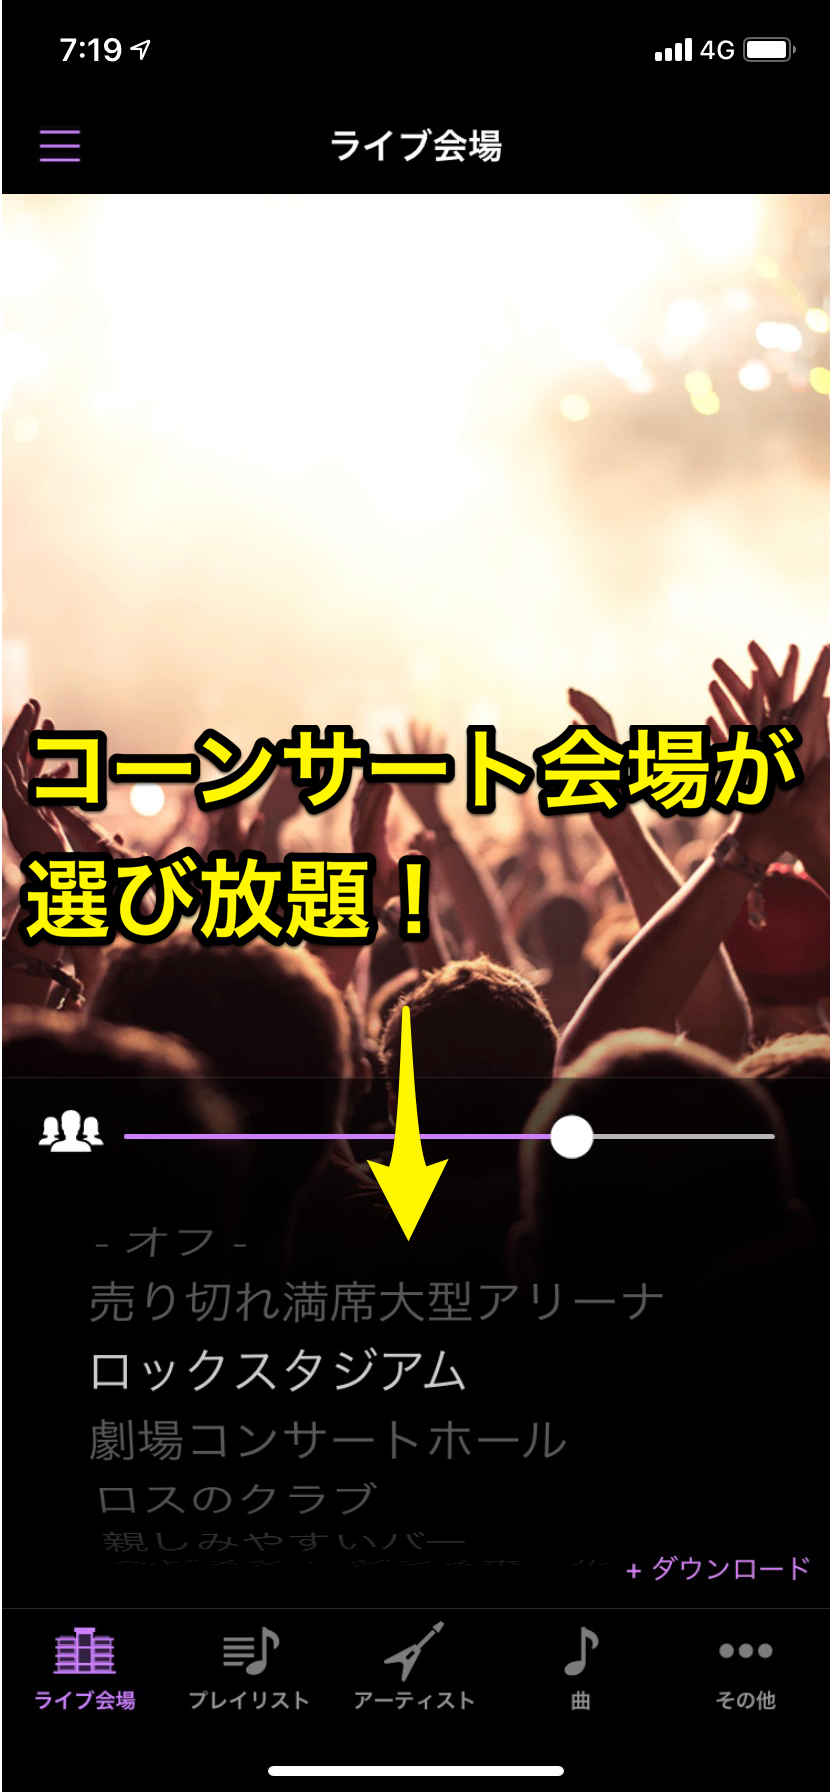 LiveTunesのスクリーンショット01